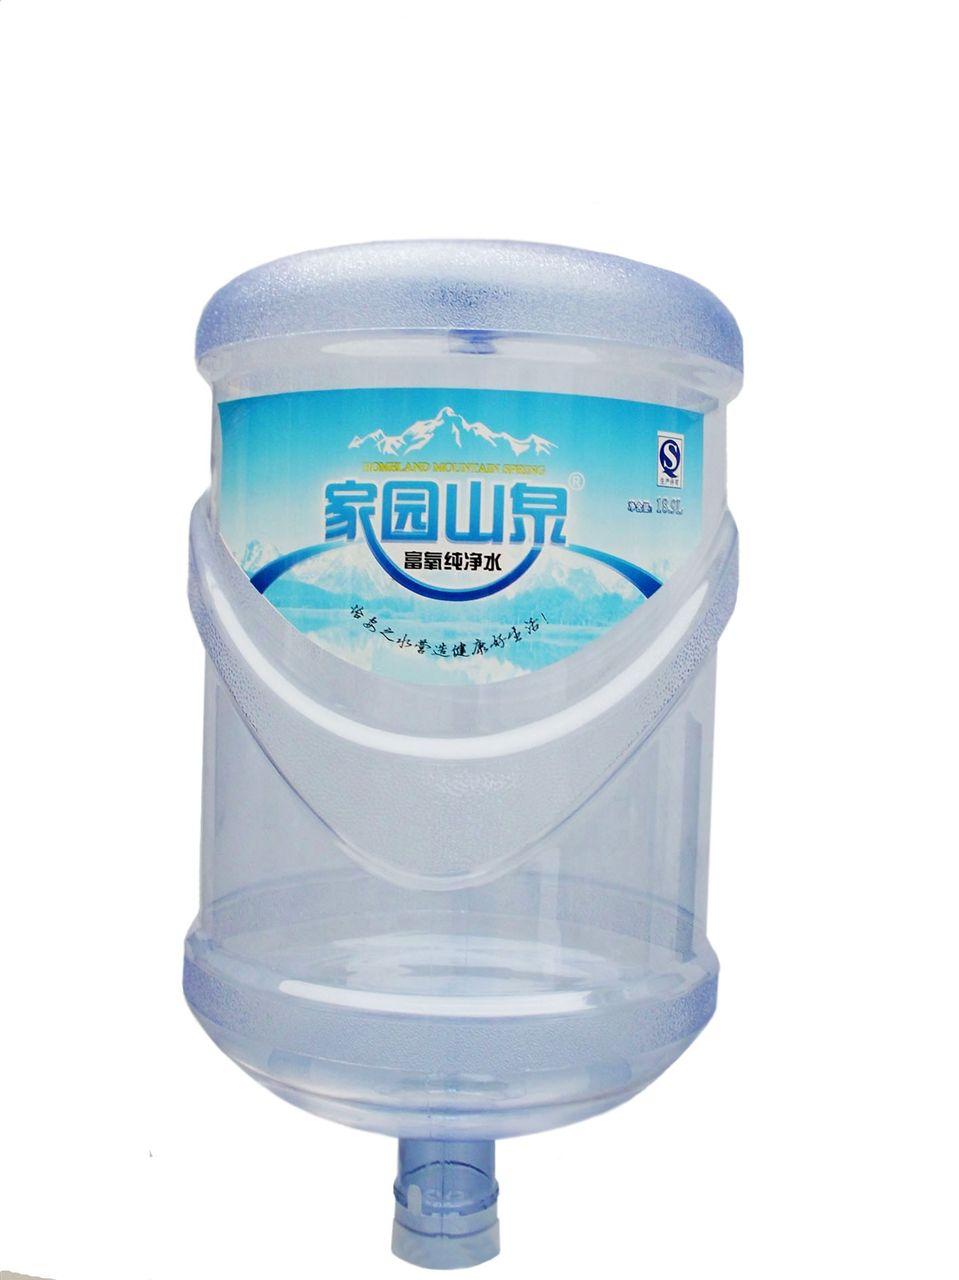 健康之水出自家园山泉,桶装水,瓶装水水厂加盟,全国招商